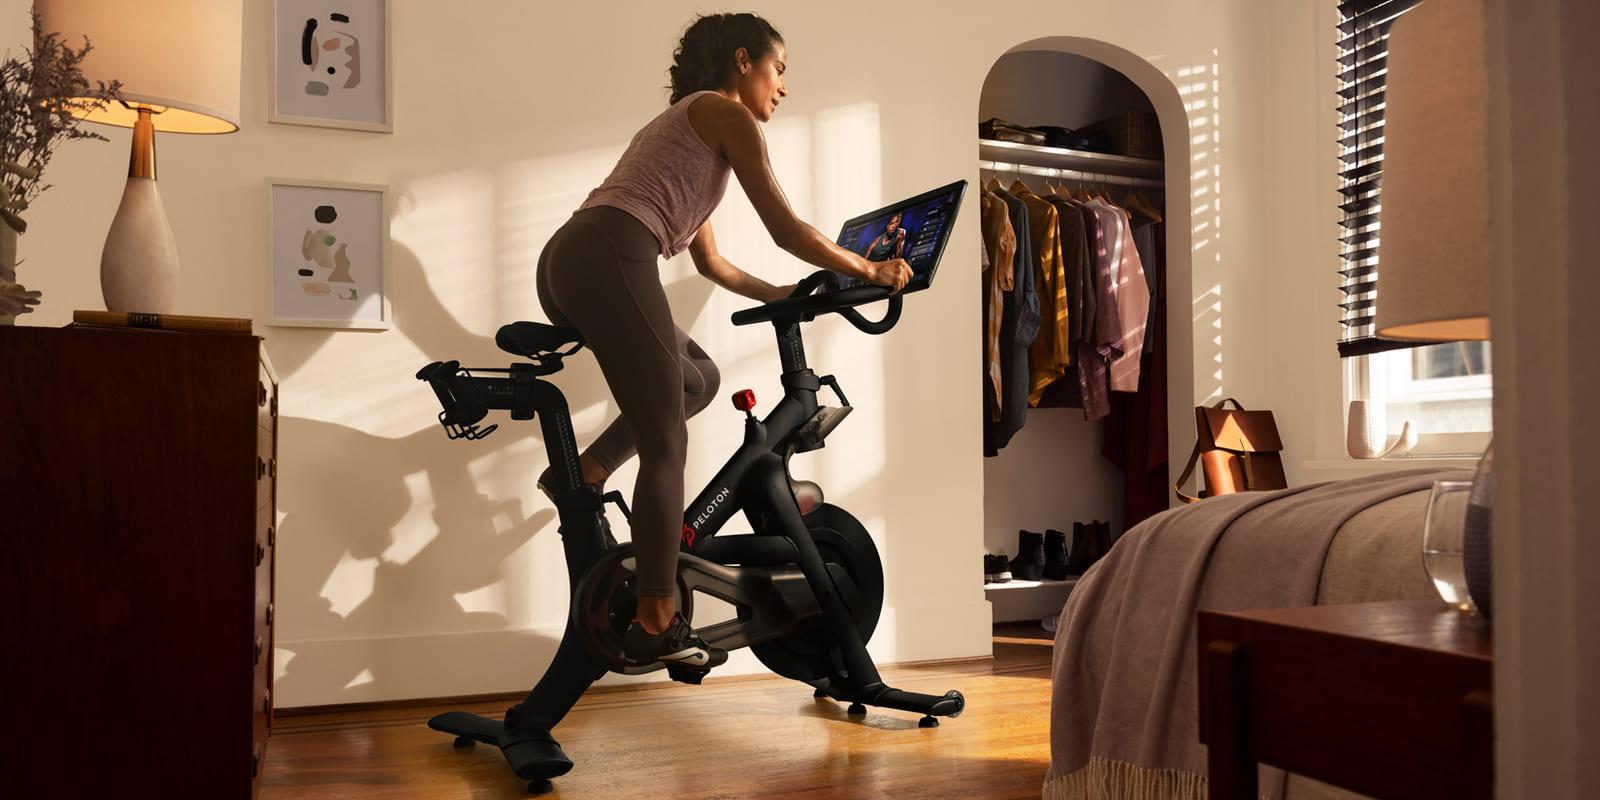 Peloton Kulturphaenomen - Frau auf Spinning Rad mit Bildschirm in Wohnung